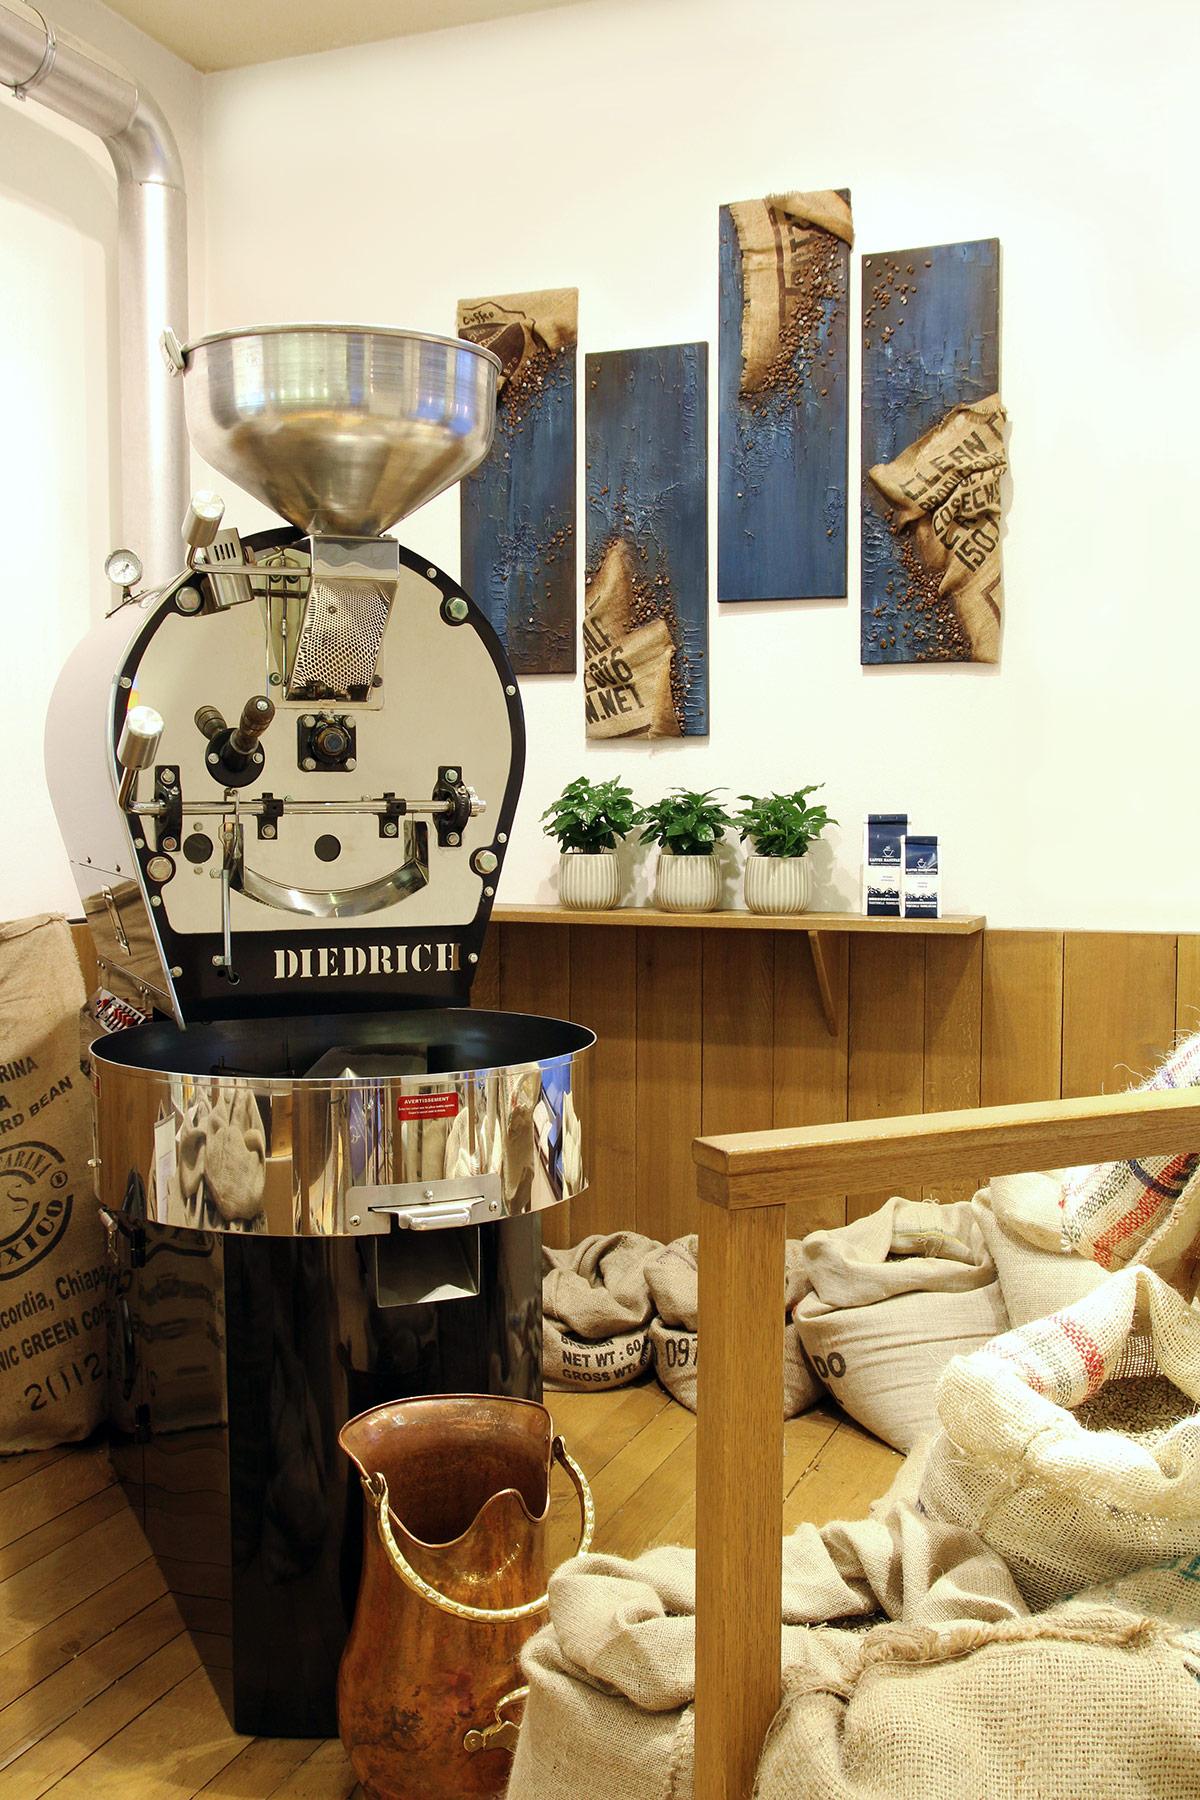 kaffee manufaktur w rzburg die genie ermanufactur kulinarisches biohandwerk. Black Bedroom Furniture Sets. Home Design Ideas